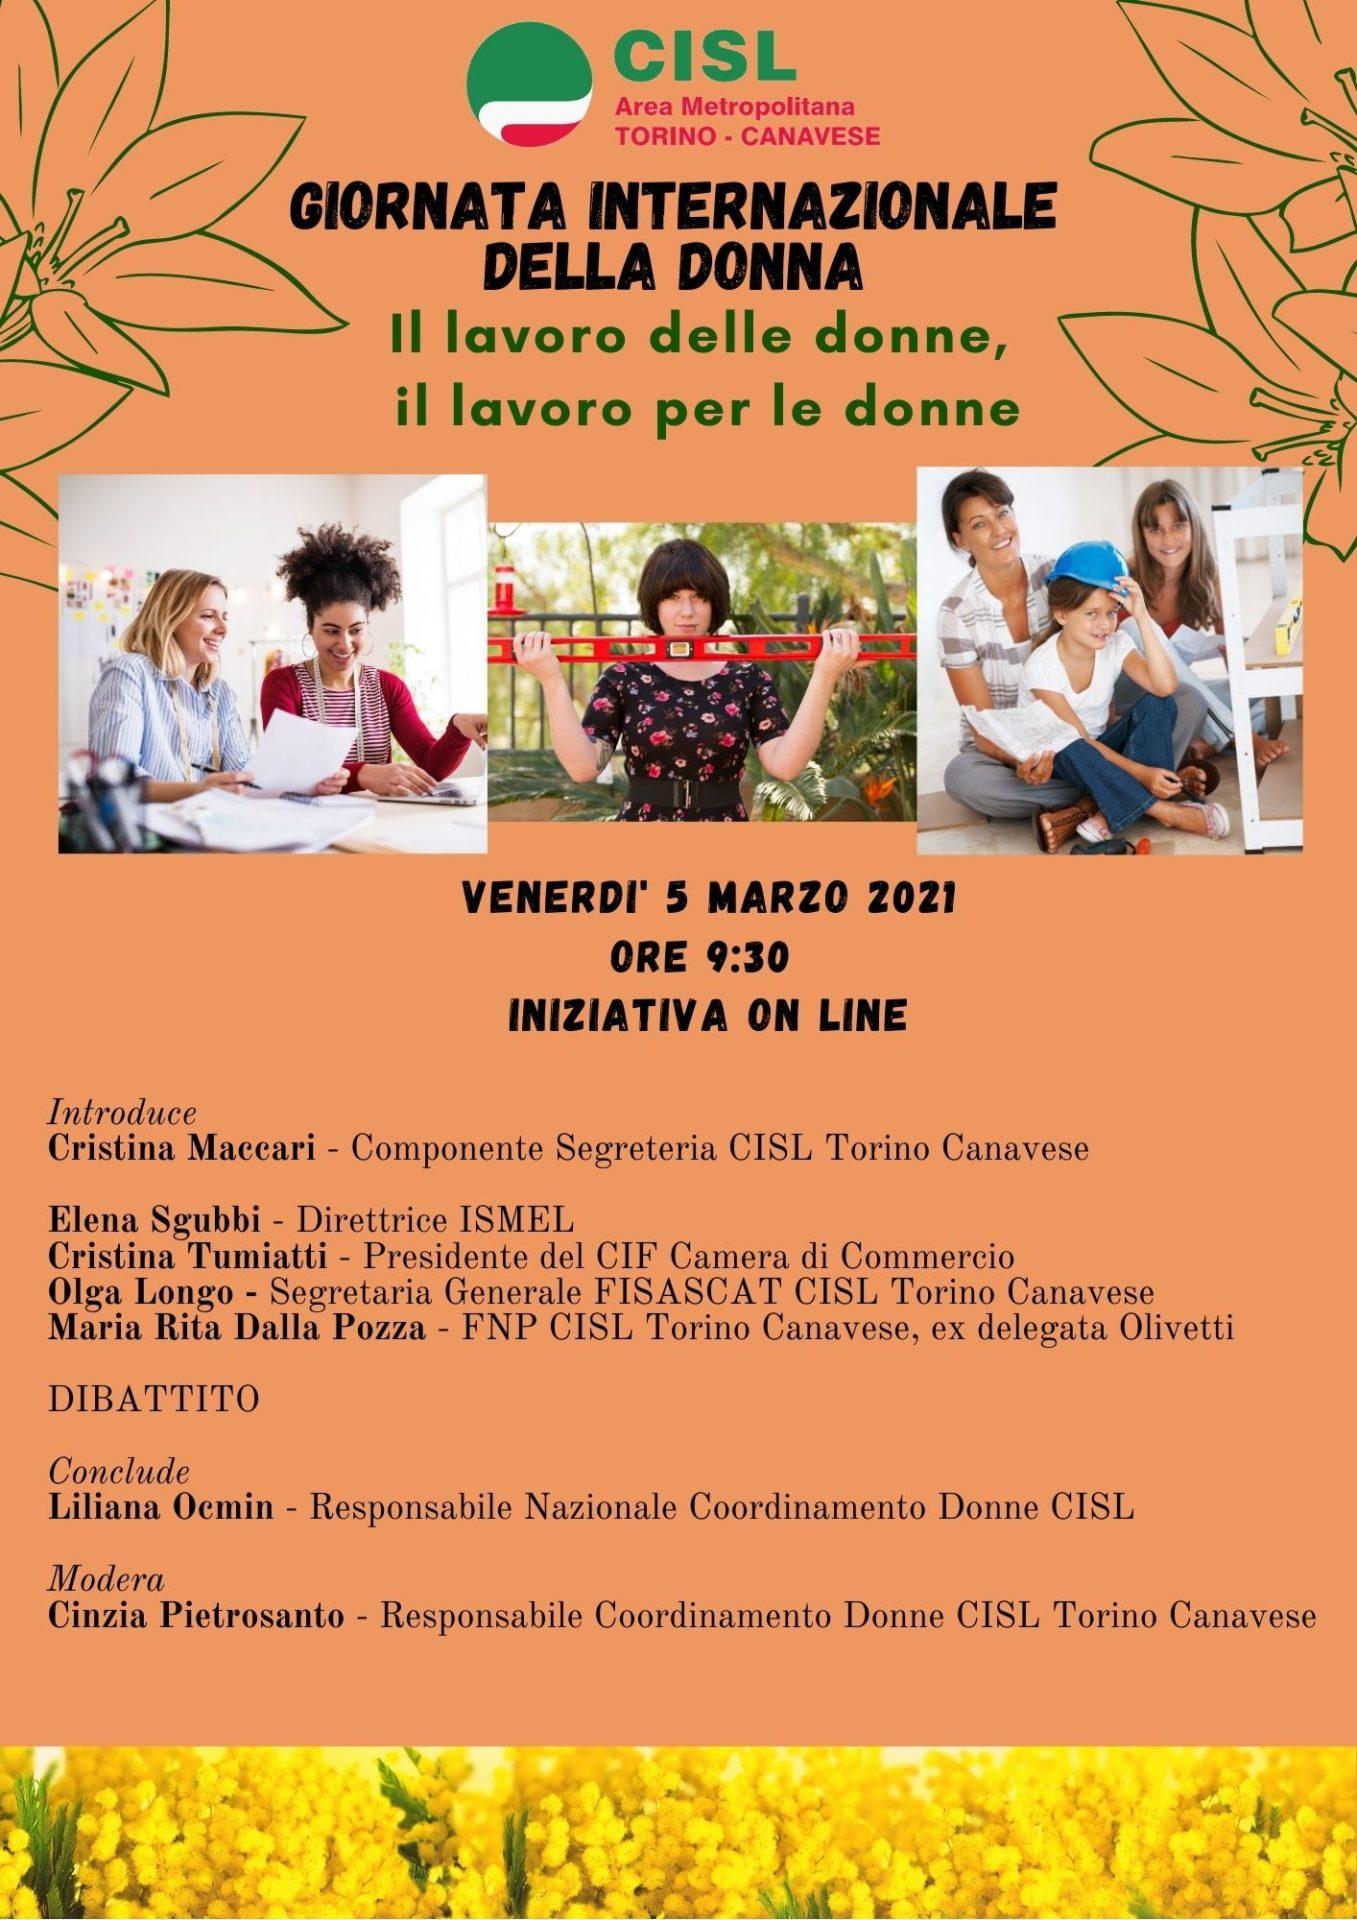 Giornata internazionale della donna 2021 - Locandina